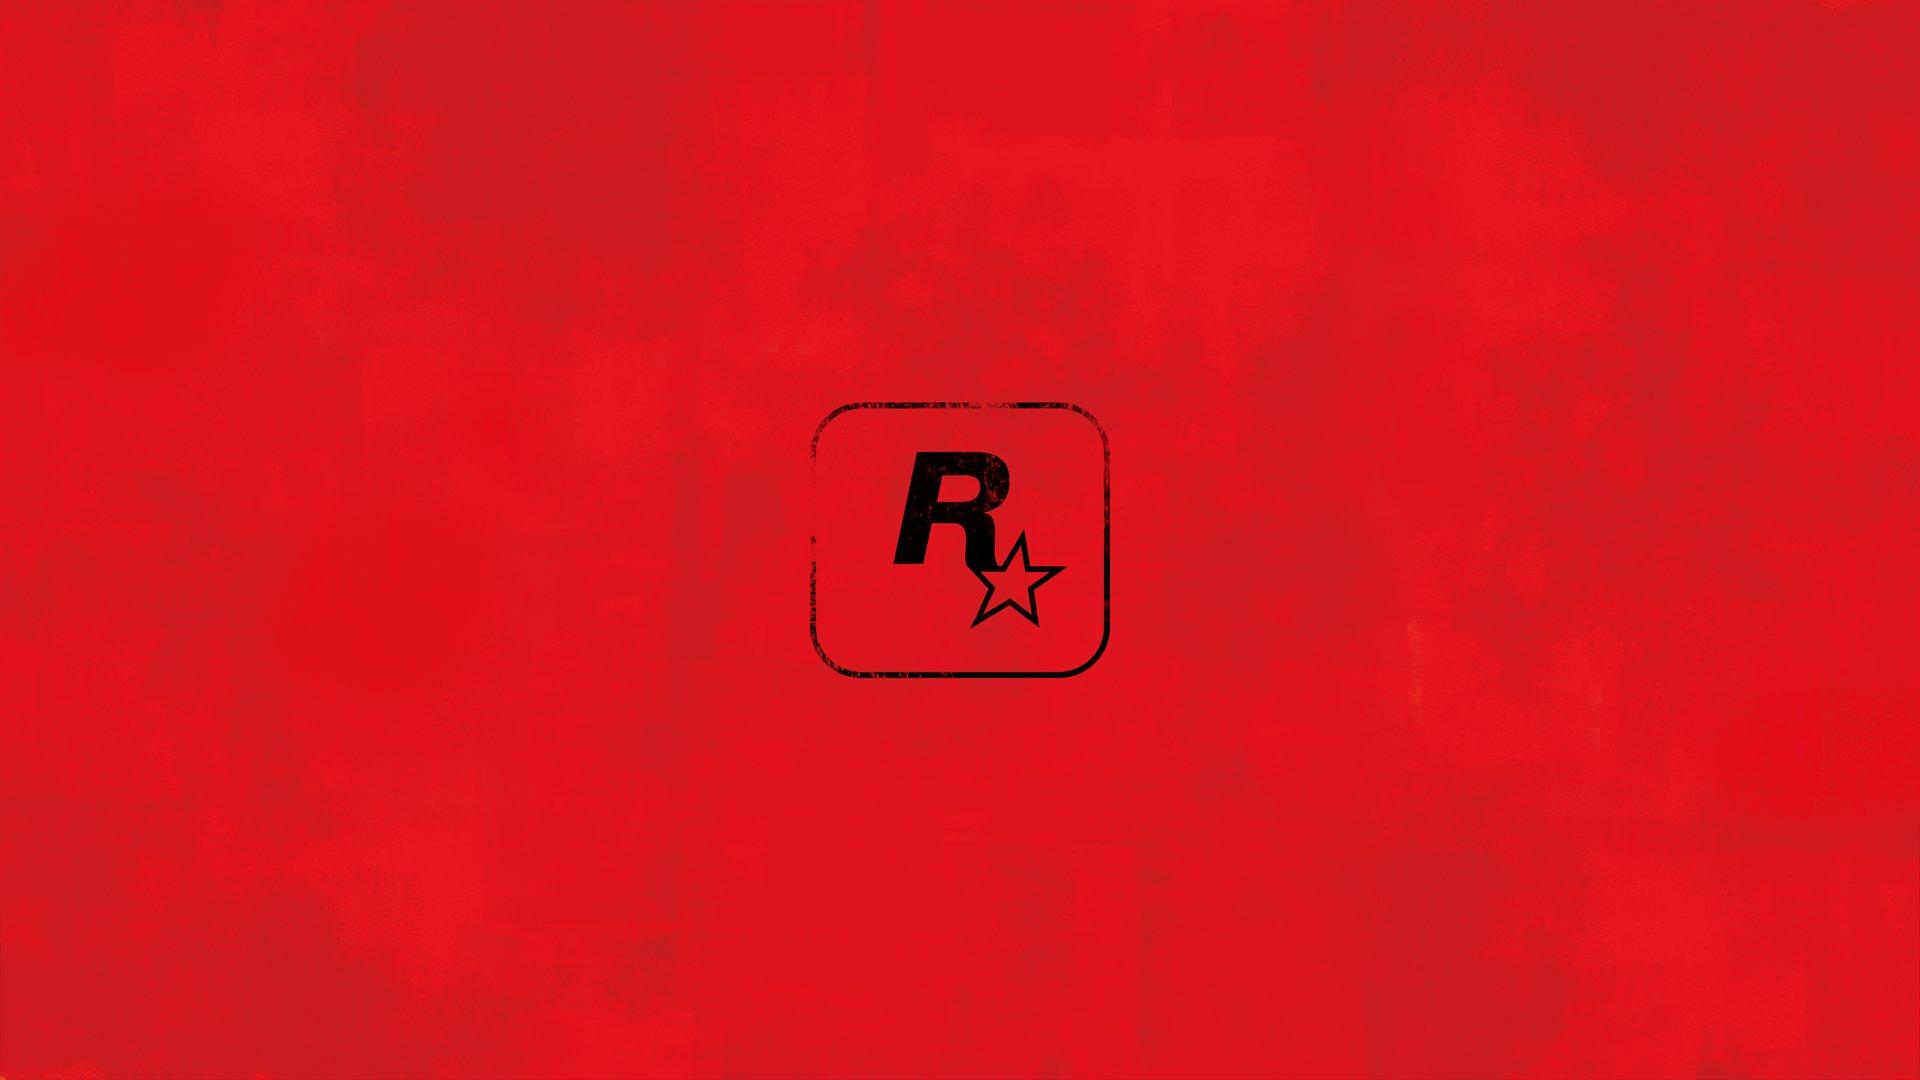 rockstar-games-red-dead-2016-teaser-pn